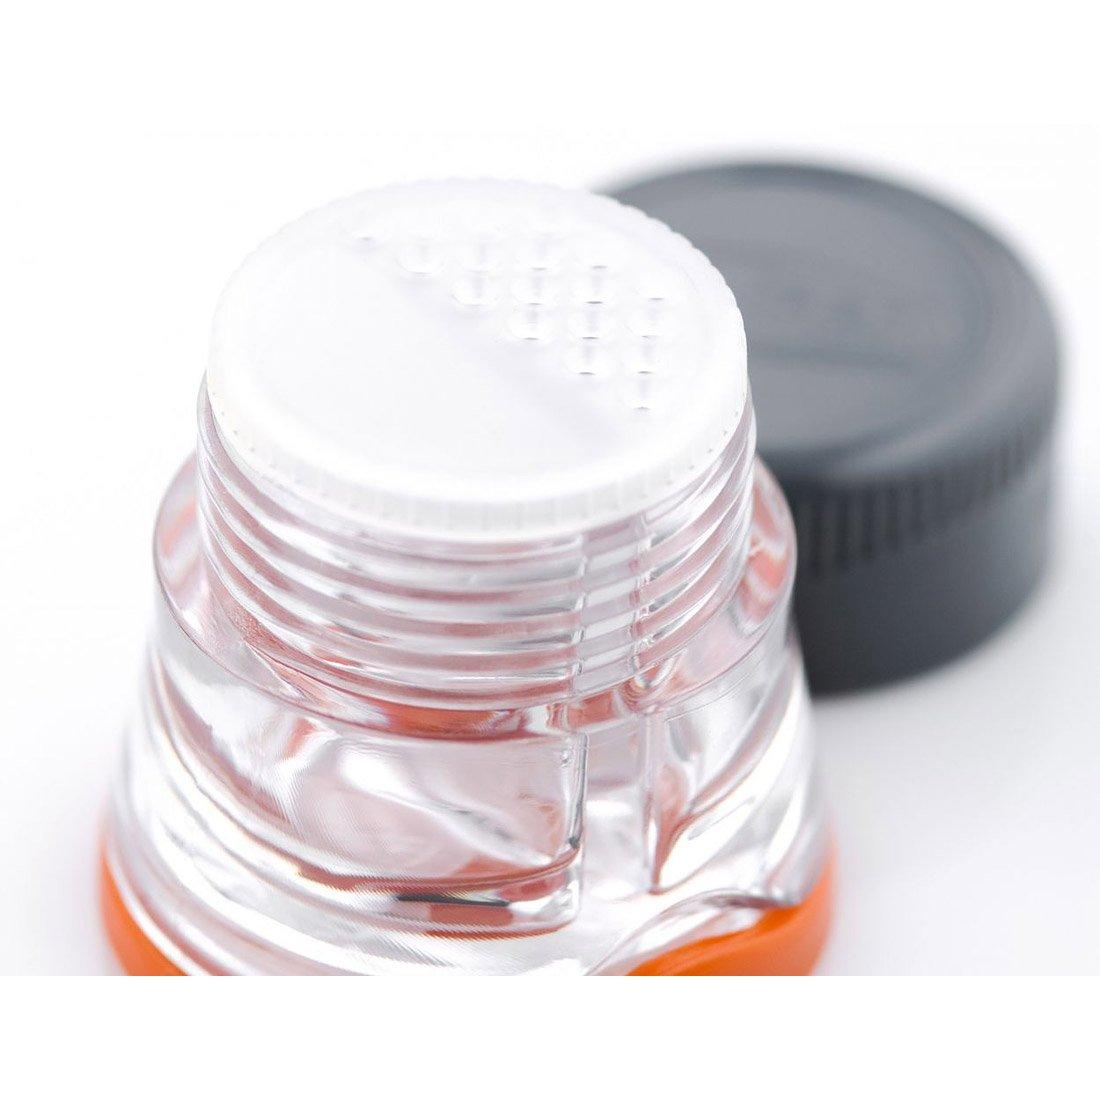 מלחייה ופלפלייה קומפקטיים - Ultralight Salt And Pepper Shaker - GSI